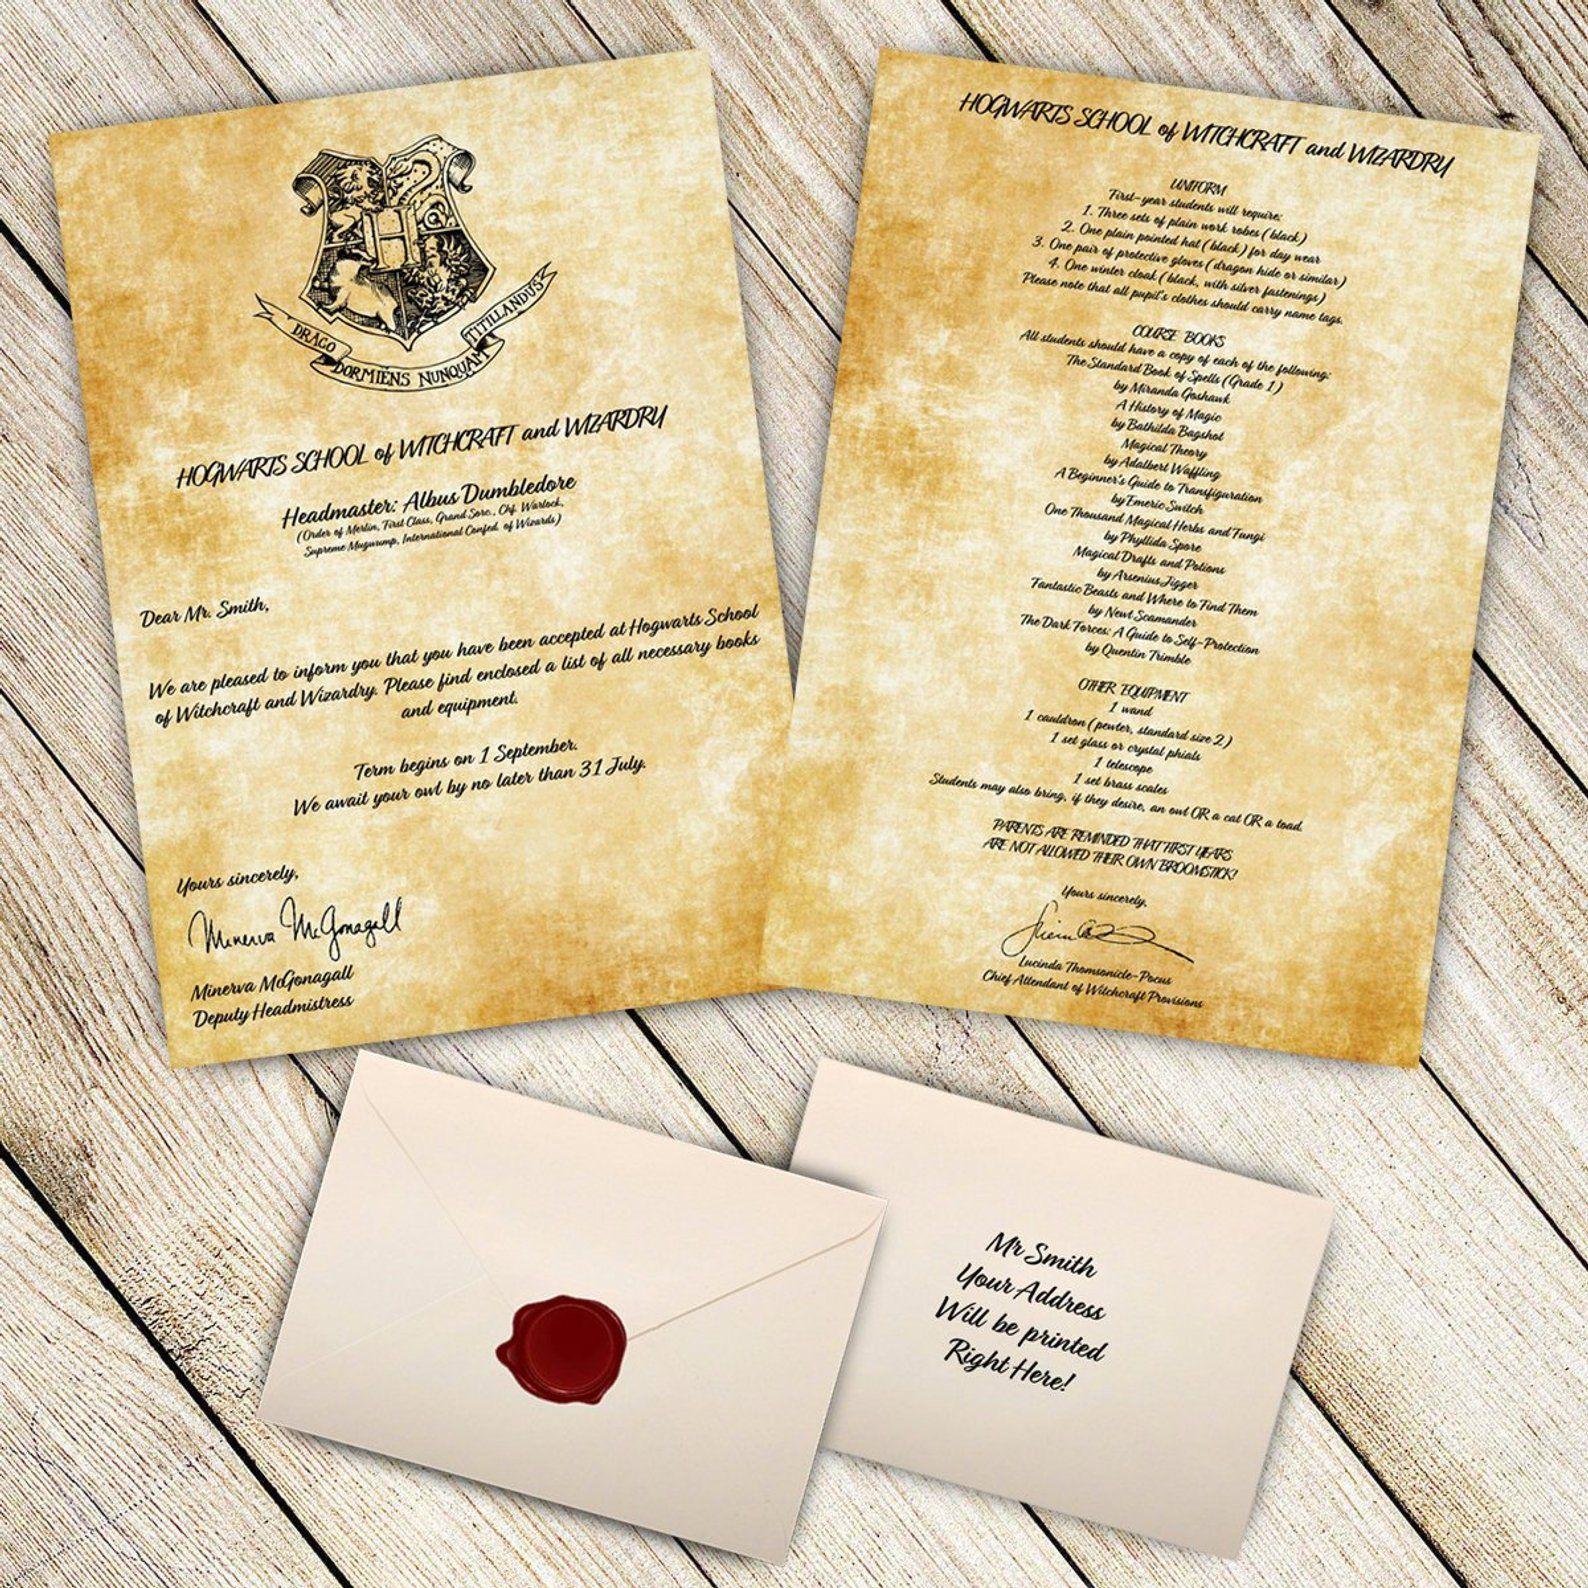 Hogwarts Acceptance Letter Hogwarts acceptance letter